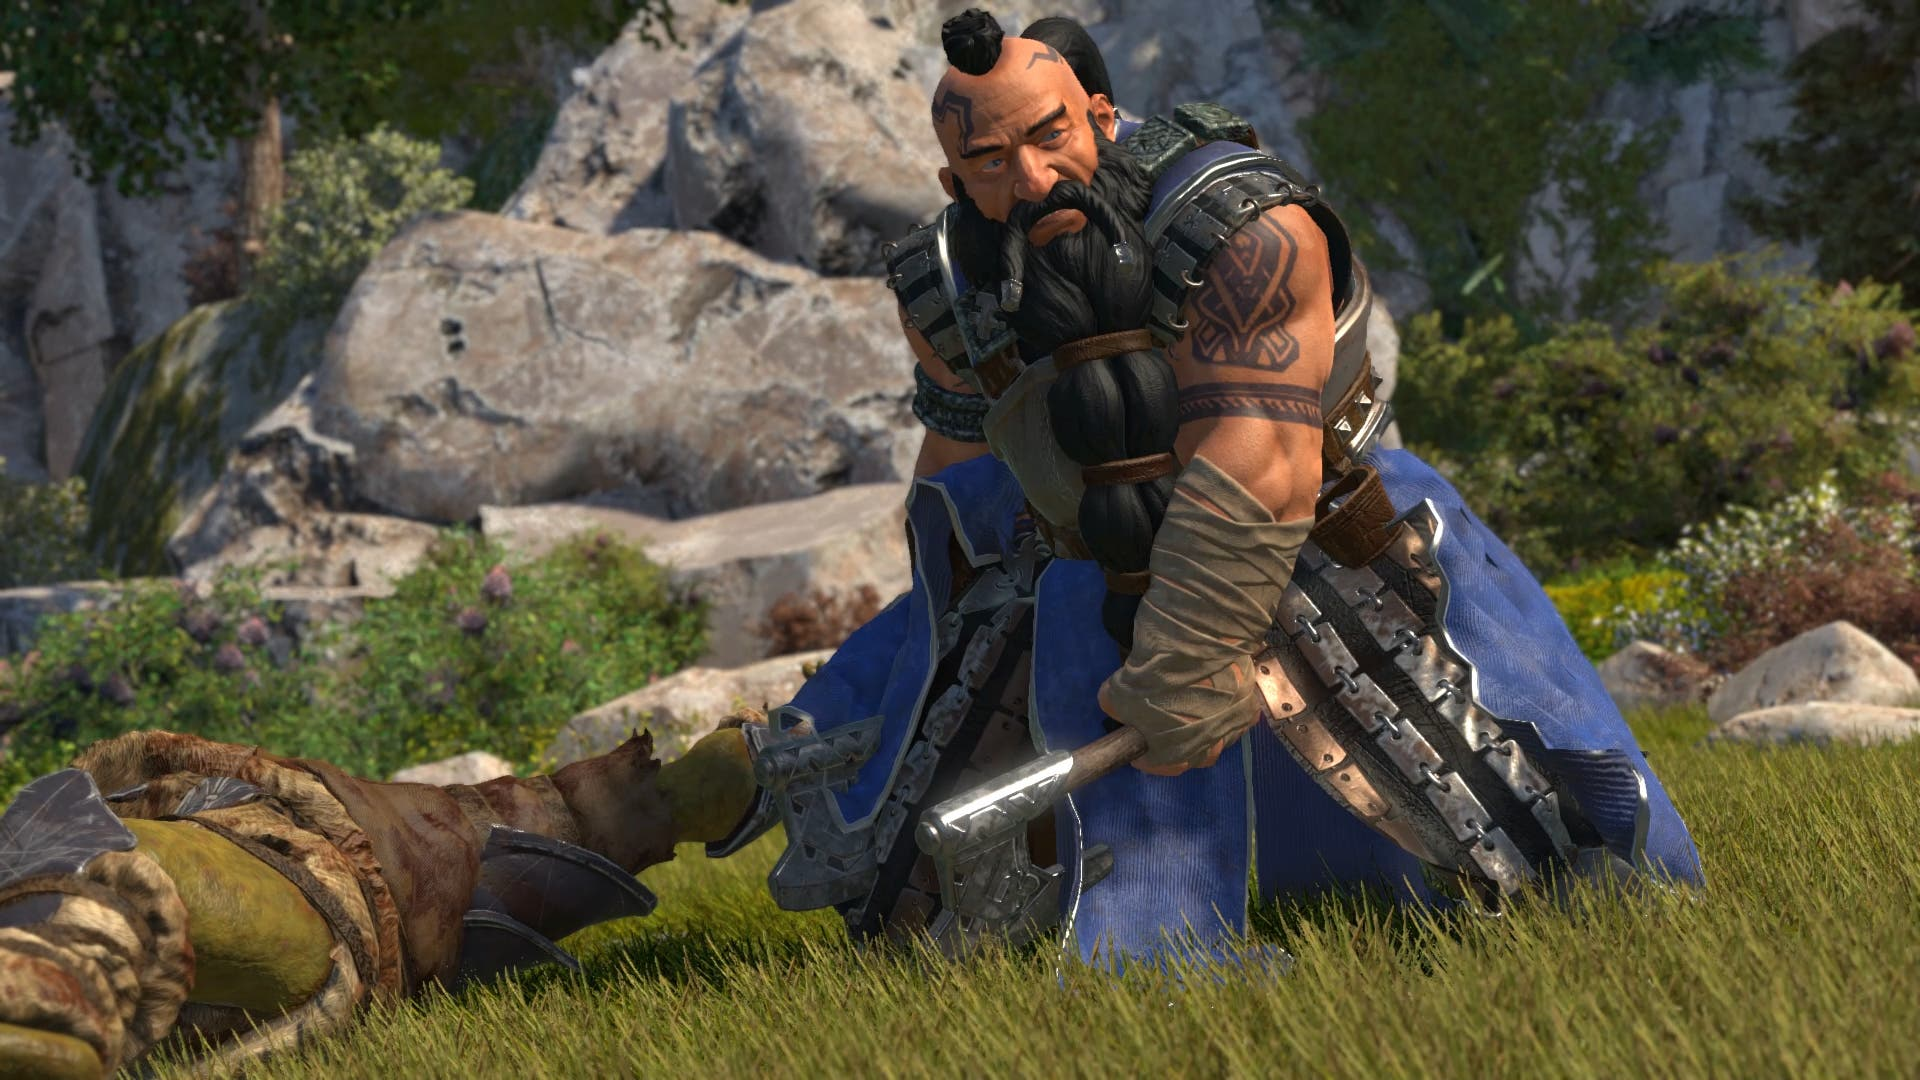 Imagen de The Dwarves llega hoy a las tiendas para ponernos en pie de guerra